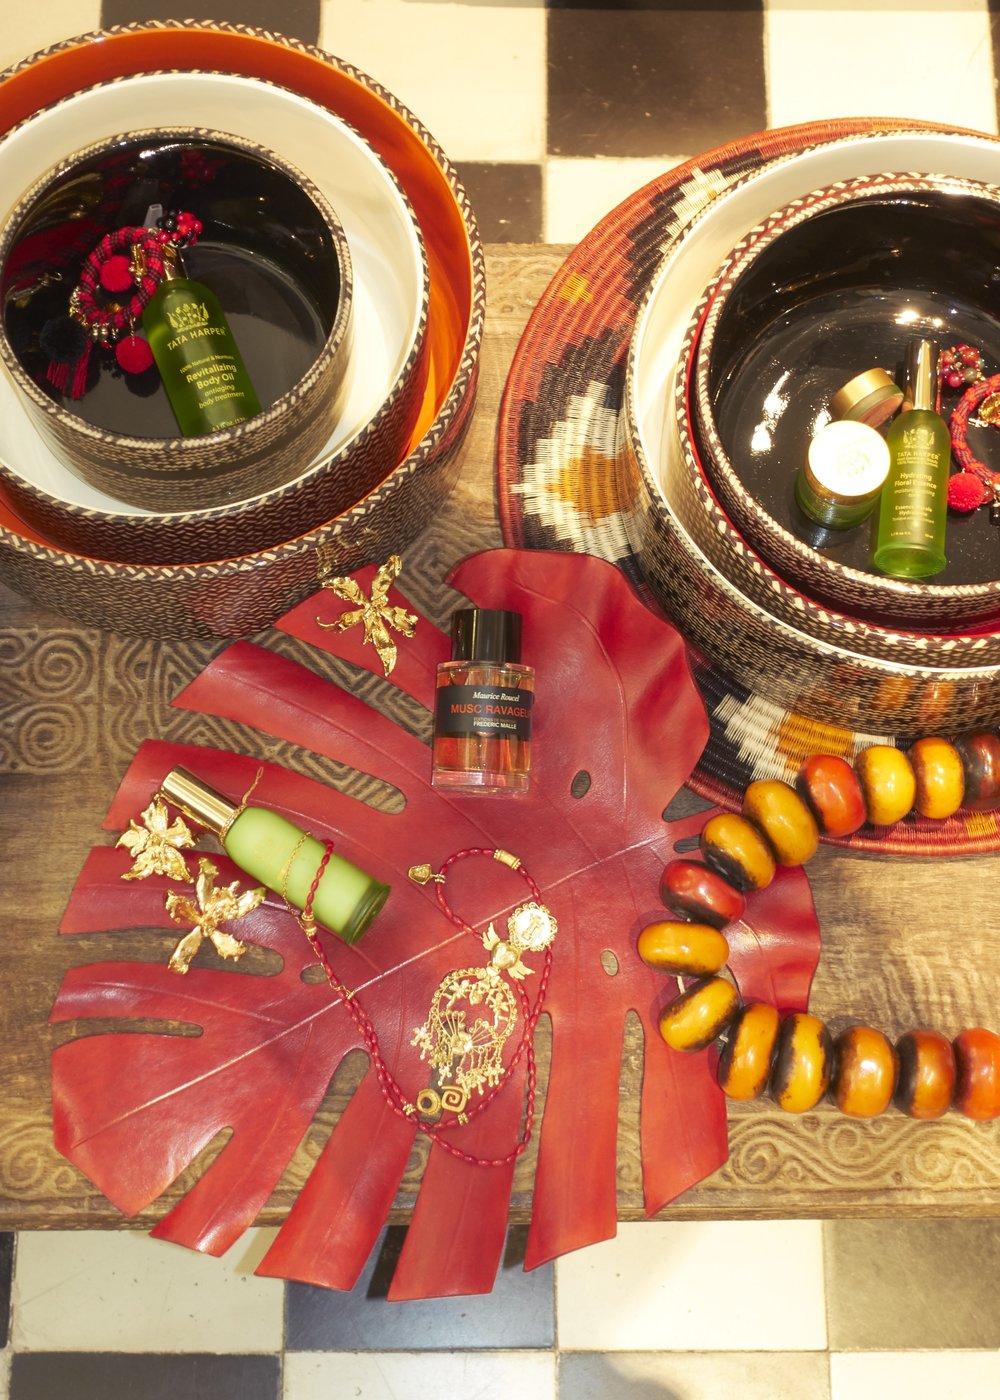 Aceite corporal, cera rejuvenecedora y máscara clarificante, todo de  TATA HARPER . Perfume de  FREDERIC MALLE , collar de piedra ambar hecho en Mali disponible en  CASA CHIQUI , collar hecho en Colombia disponible en  CASA CHIQUI  y pendientes de  CASA CHIQUI.